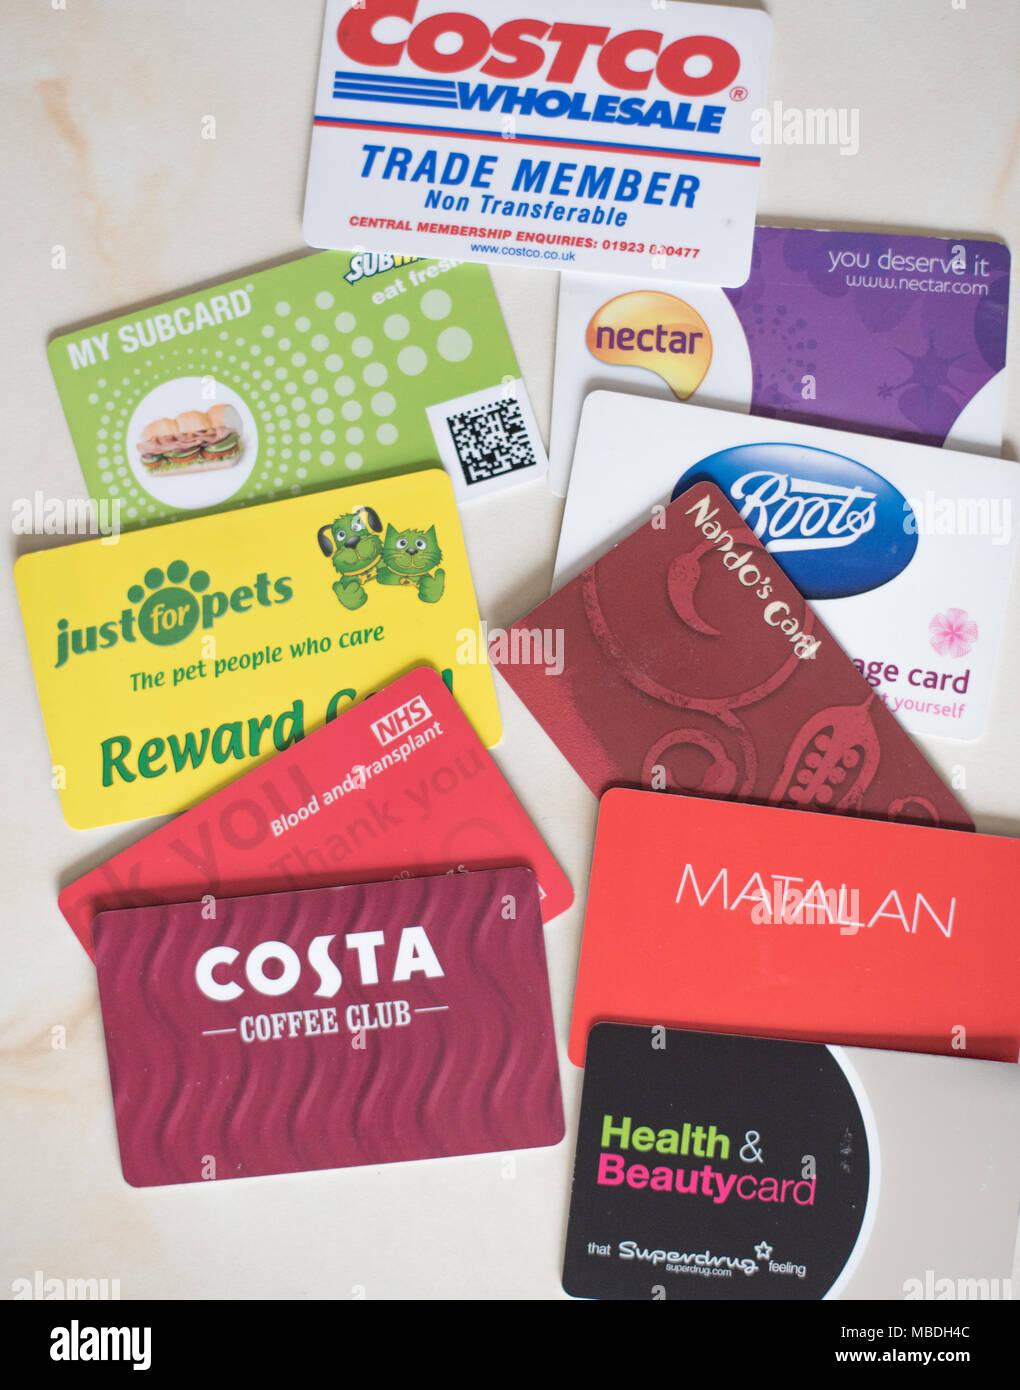 Ein Haufen von store Belohnung Karten für Großbritannien, grundsätzlich kostenlos Geld, wenn Punkte über einen gewissen Zeitraum gesammelt werden Stockbild